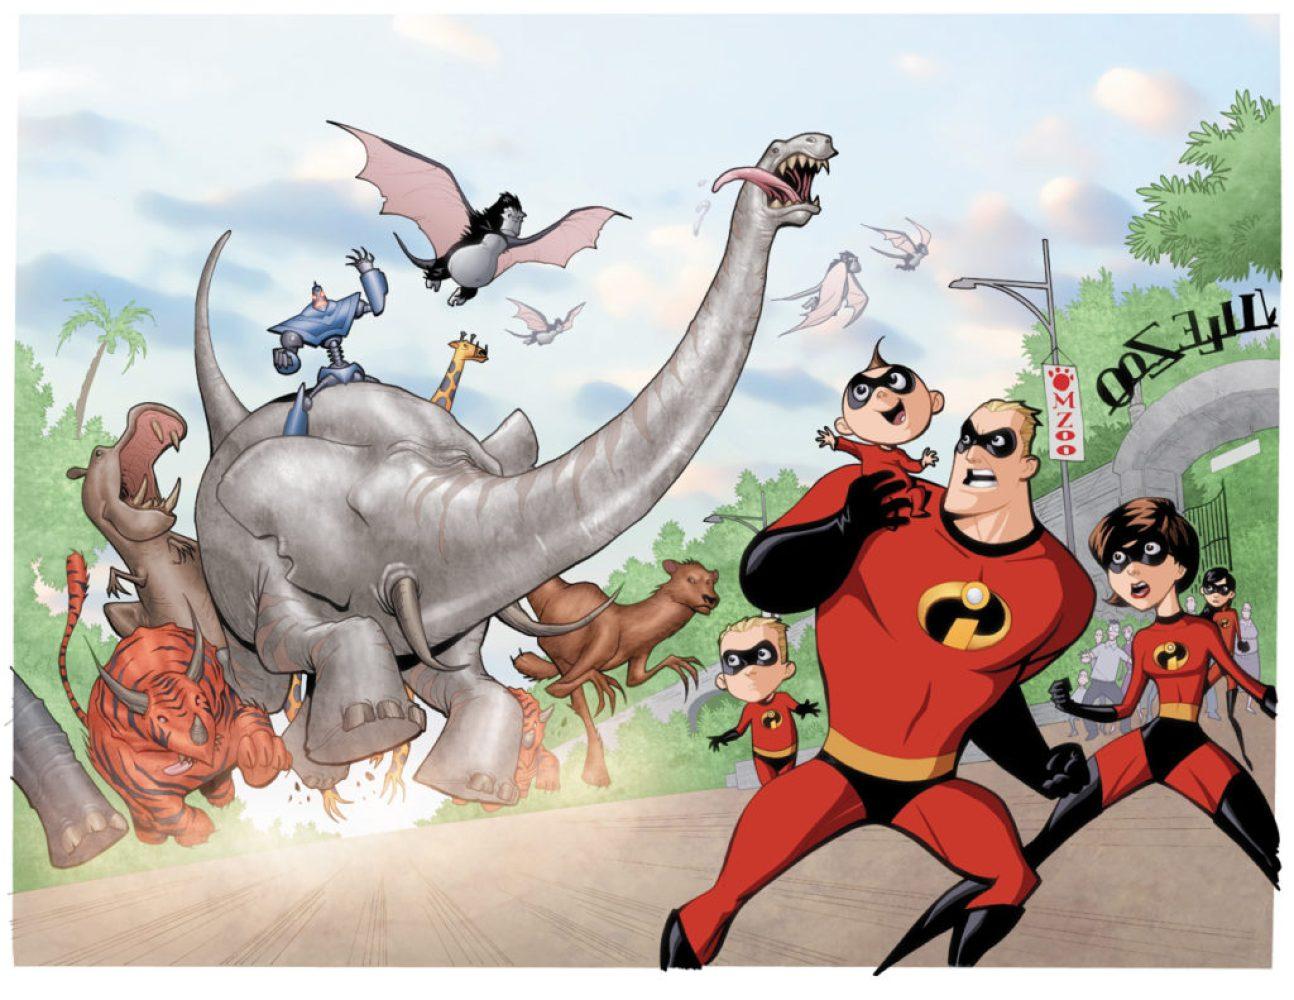 Pixar's Incredibles in comic books